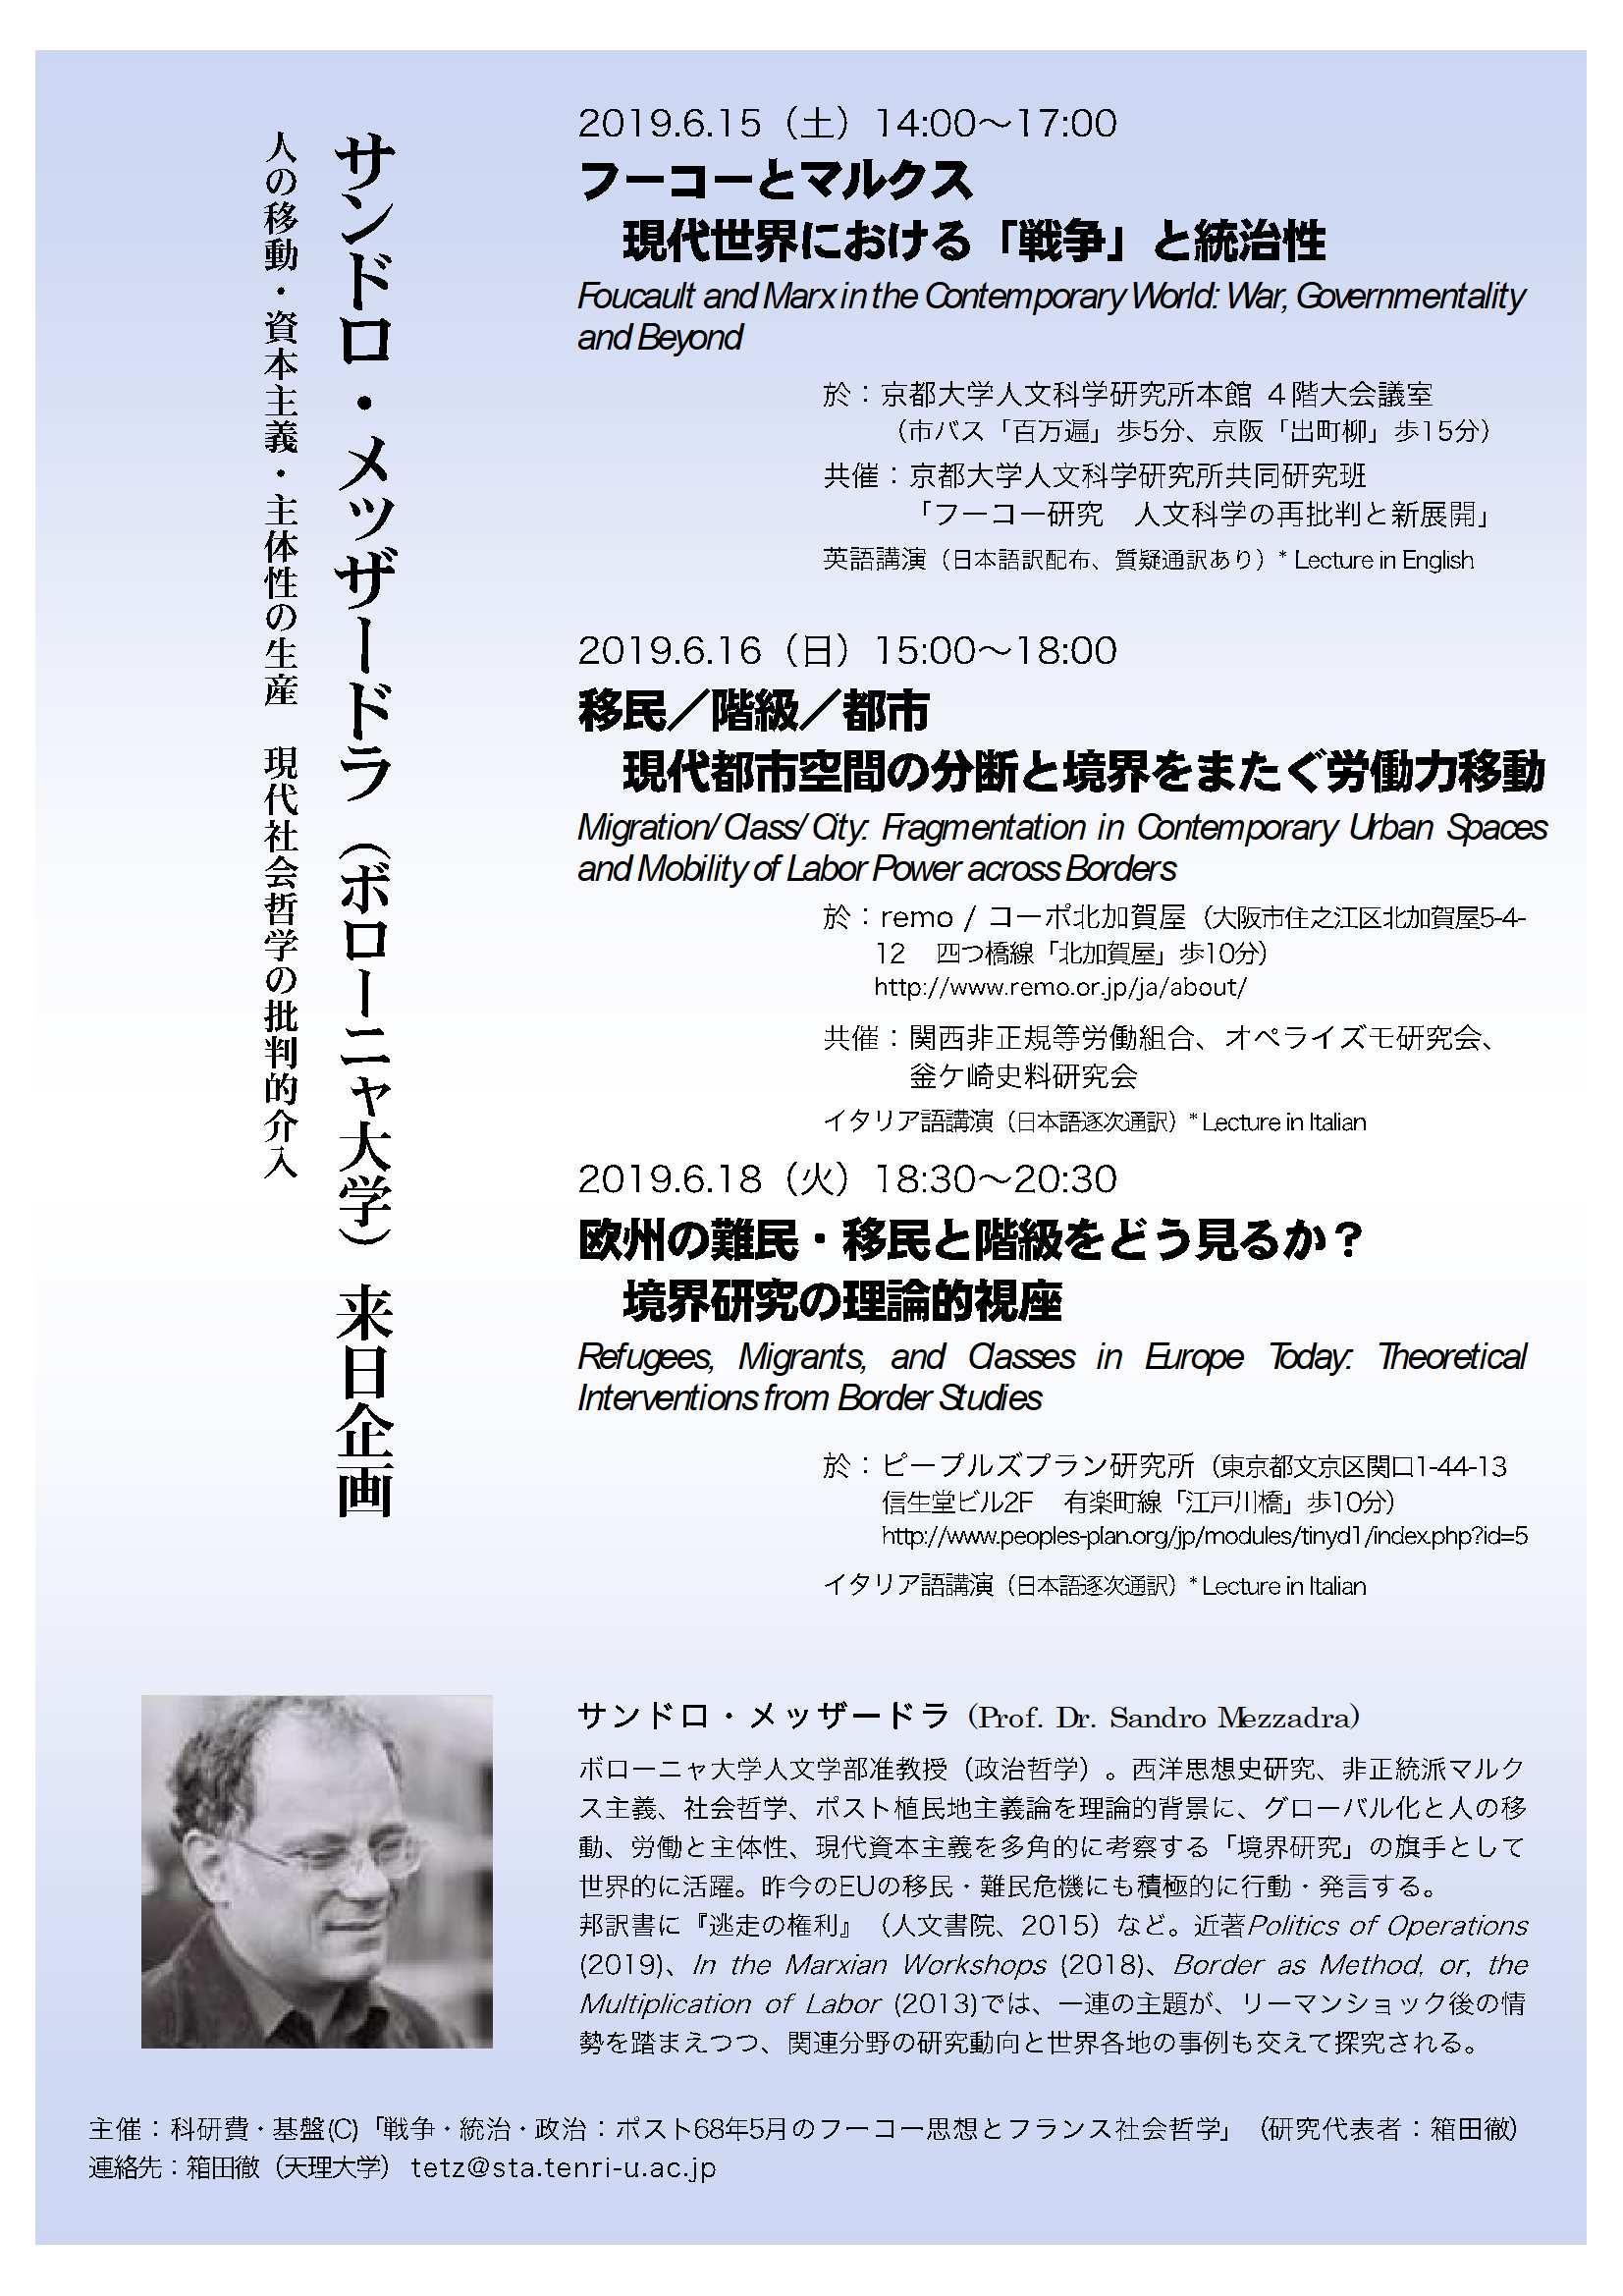 8eaf1c7d72 『逃走の権利』の著者、サンドロ・メッザードラ氏の来日講演が決定しました。6月15日京都大学、16日大阪・コーポ北加賀谷、18日文京区・ピープルズプラン研究所の 三か ...